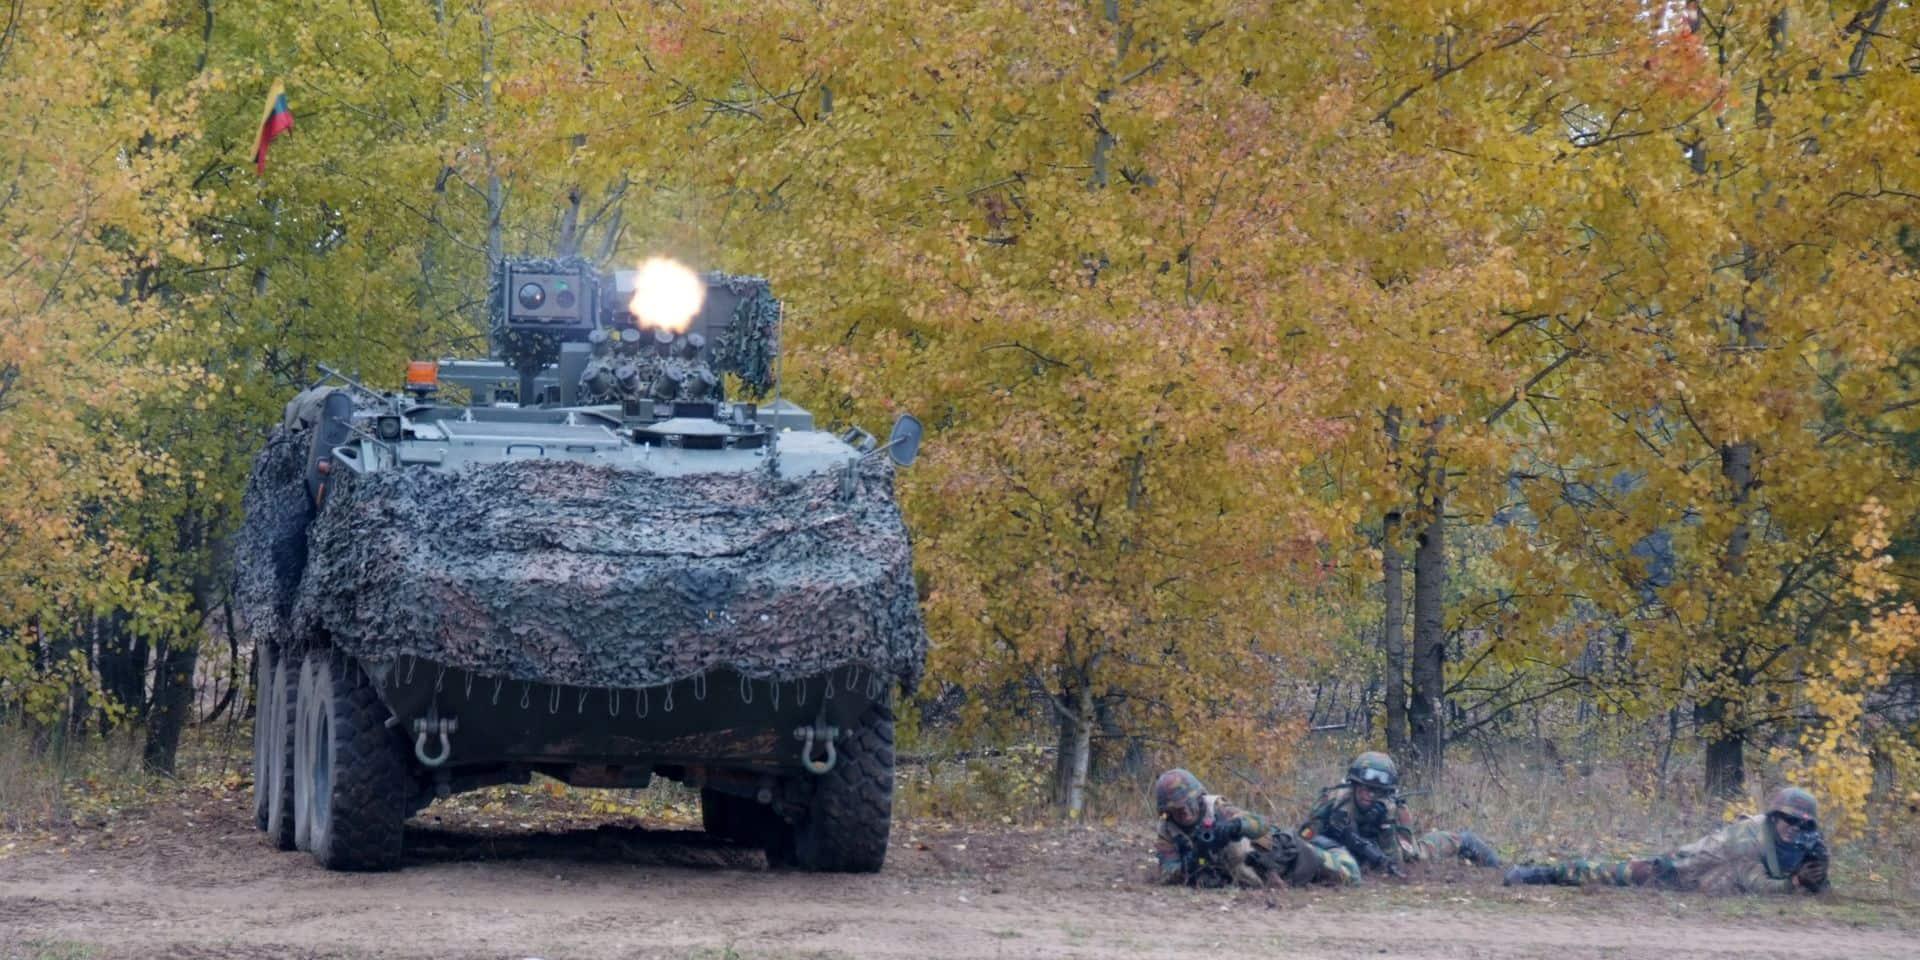 Saab fournira des systèmes d'entraînement, dont des simulateurs, à l'armée belge